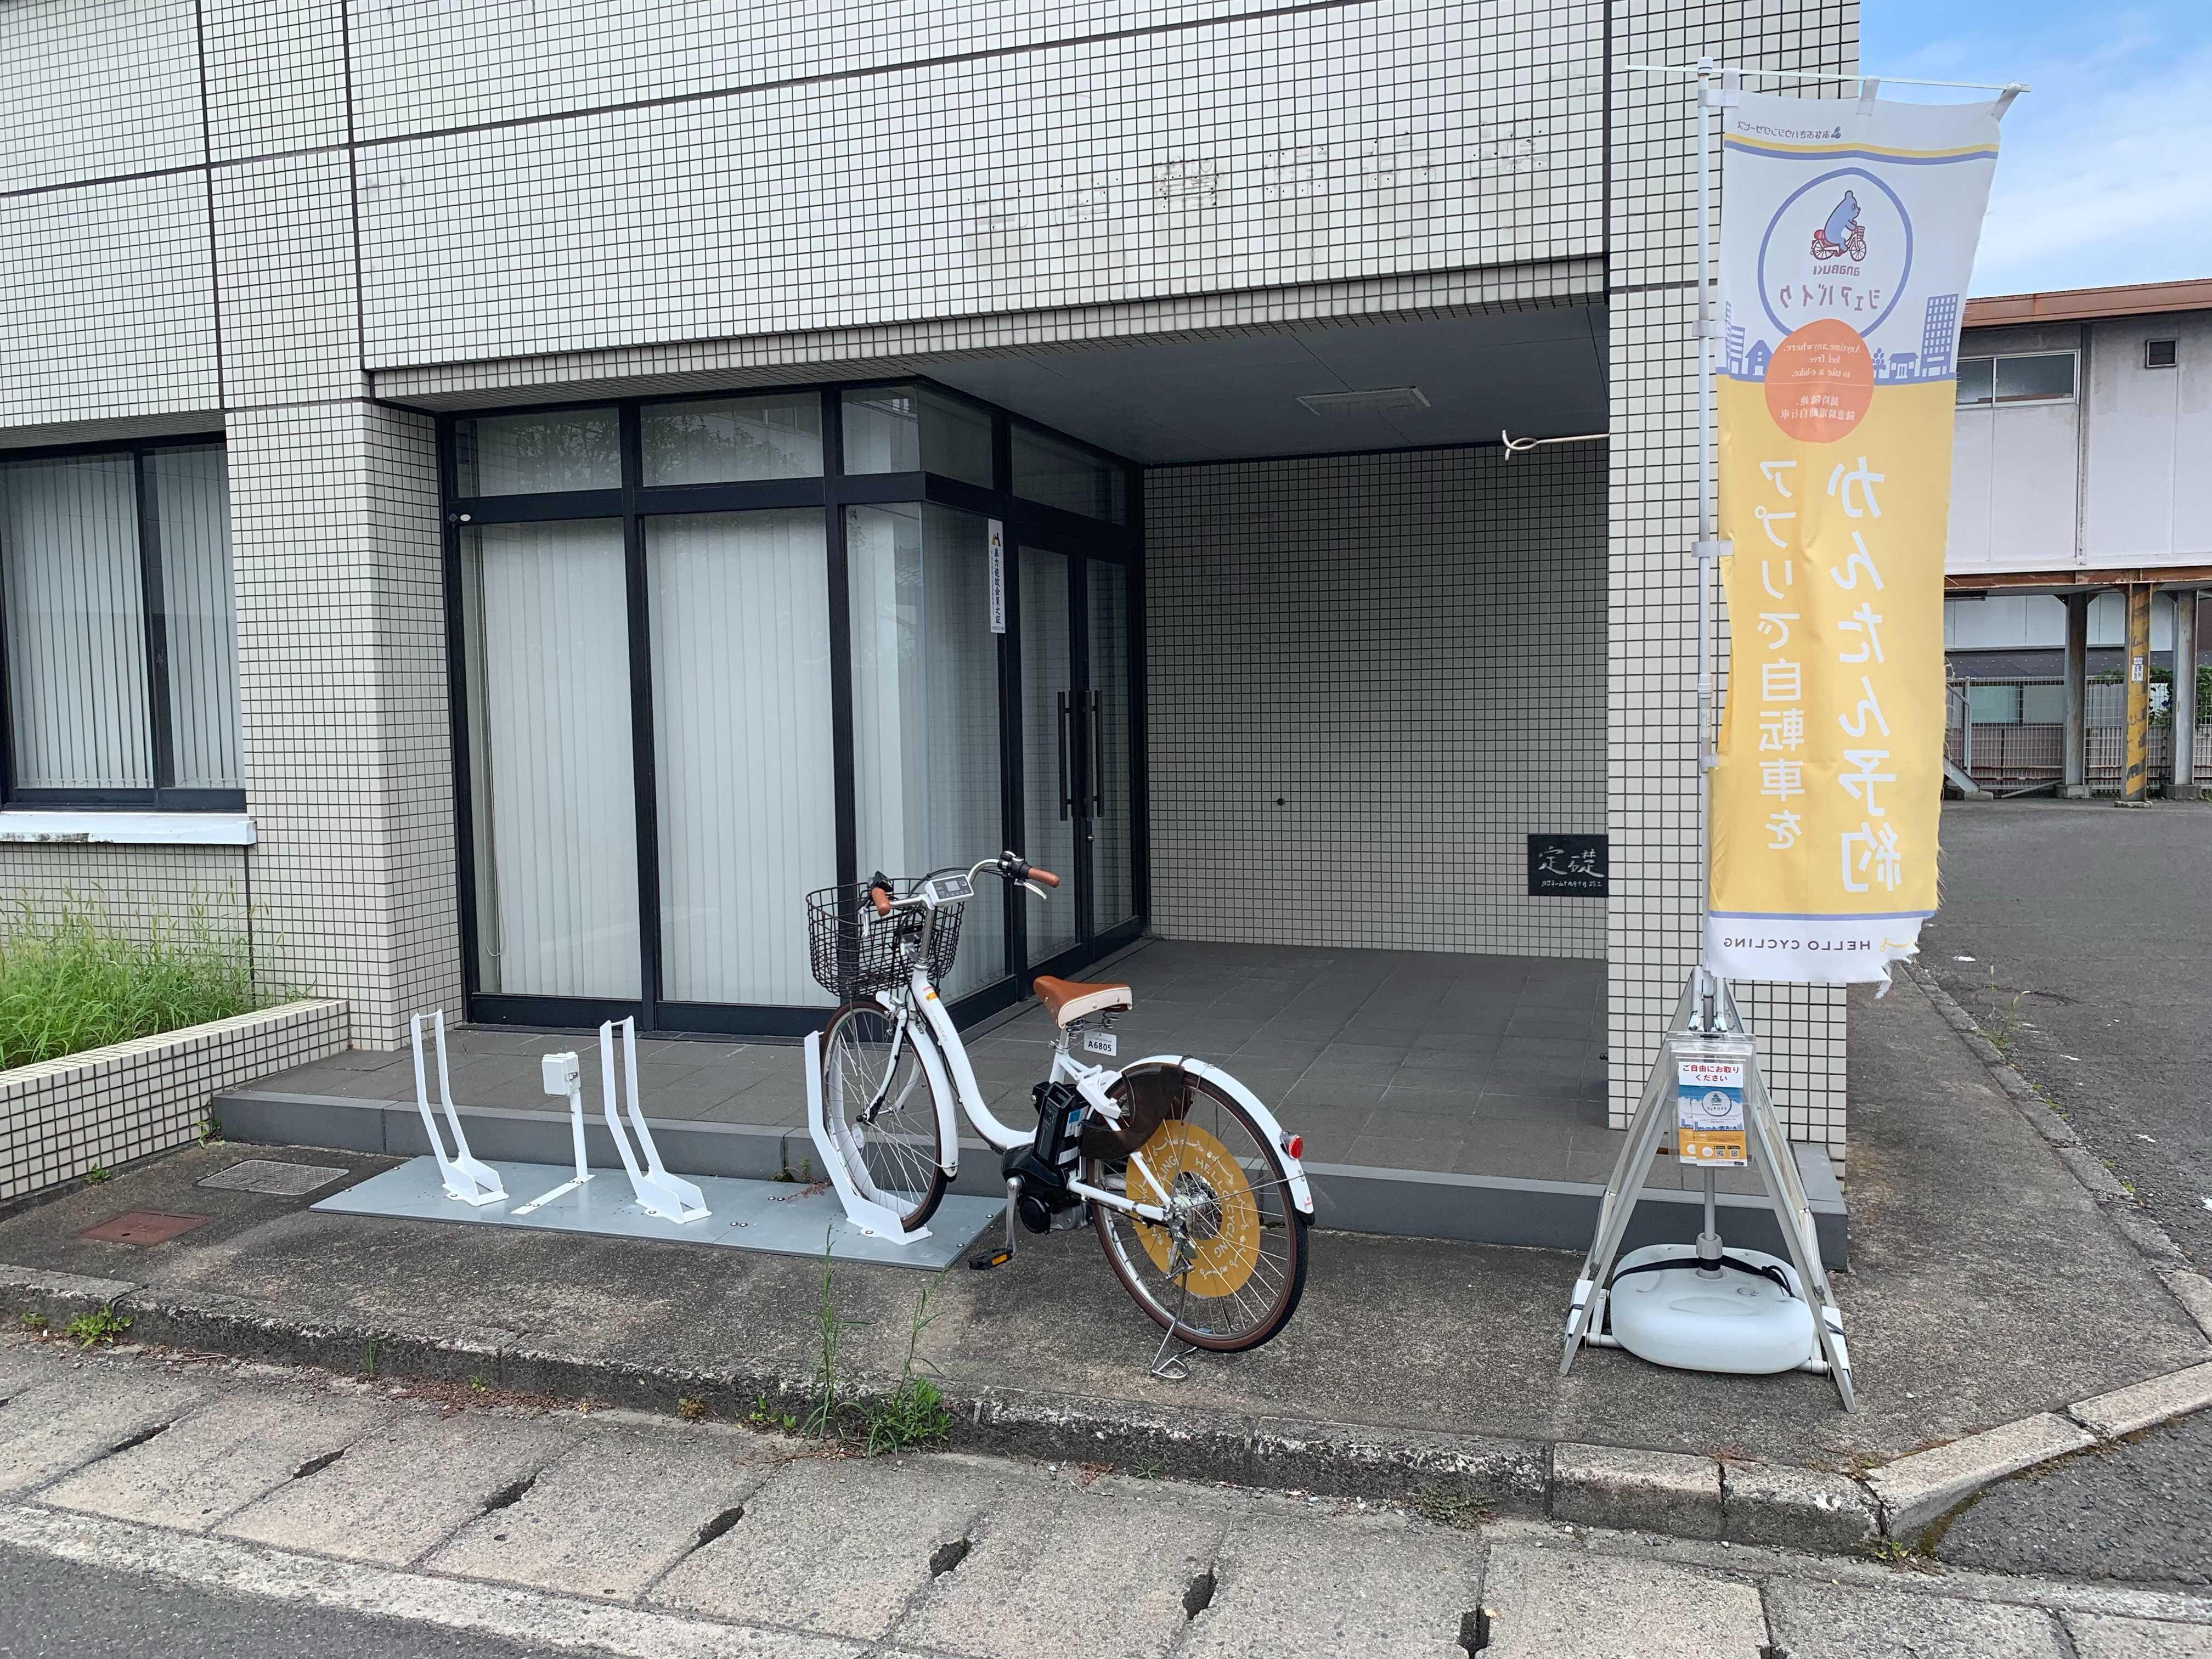 高速バスゆめタウン乗場裏 (HELLO CYCLING ポート) image